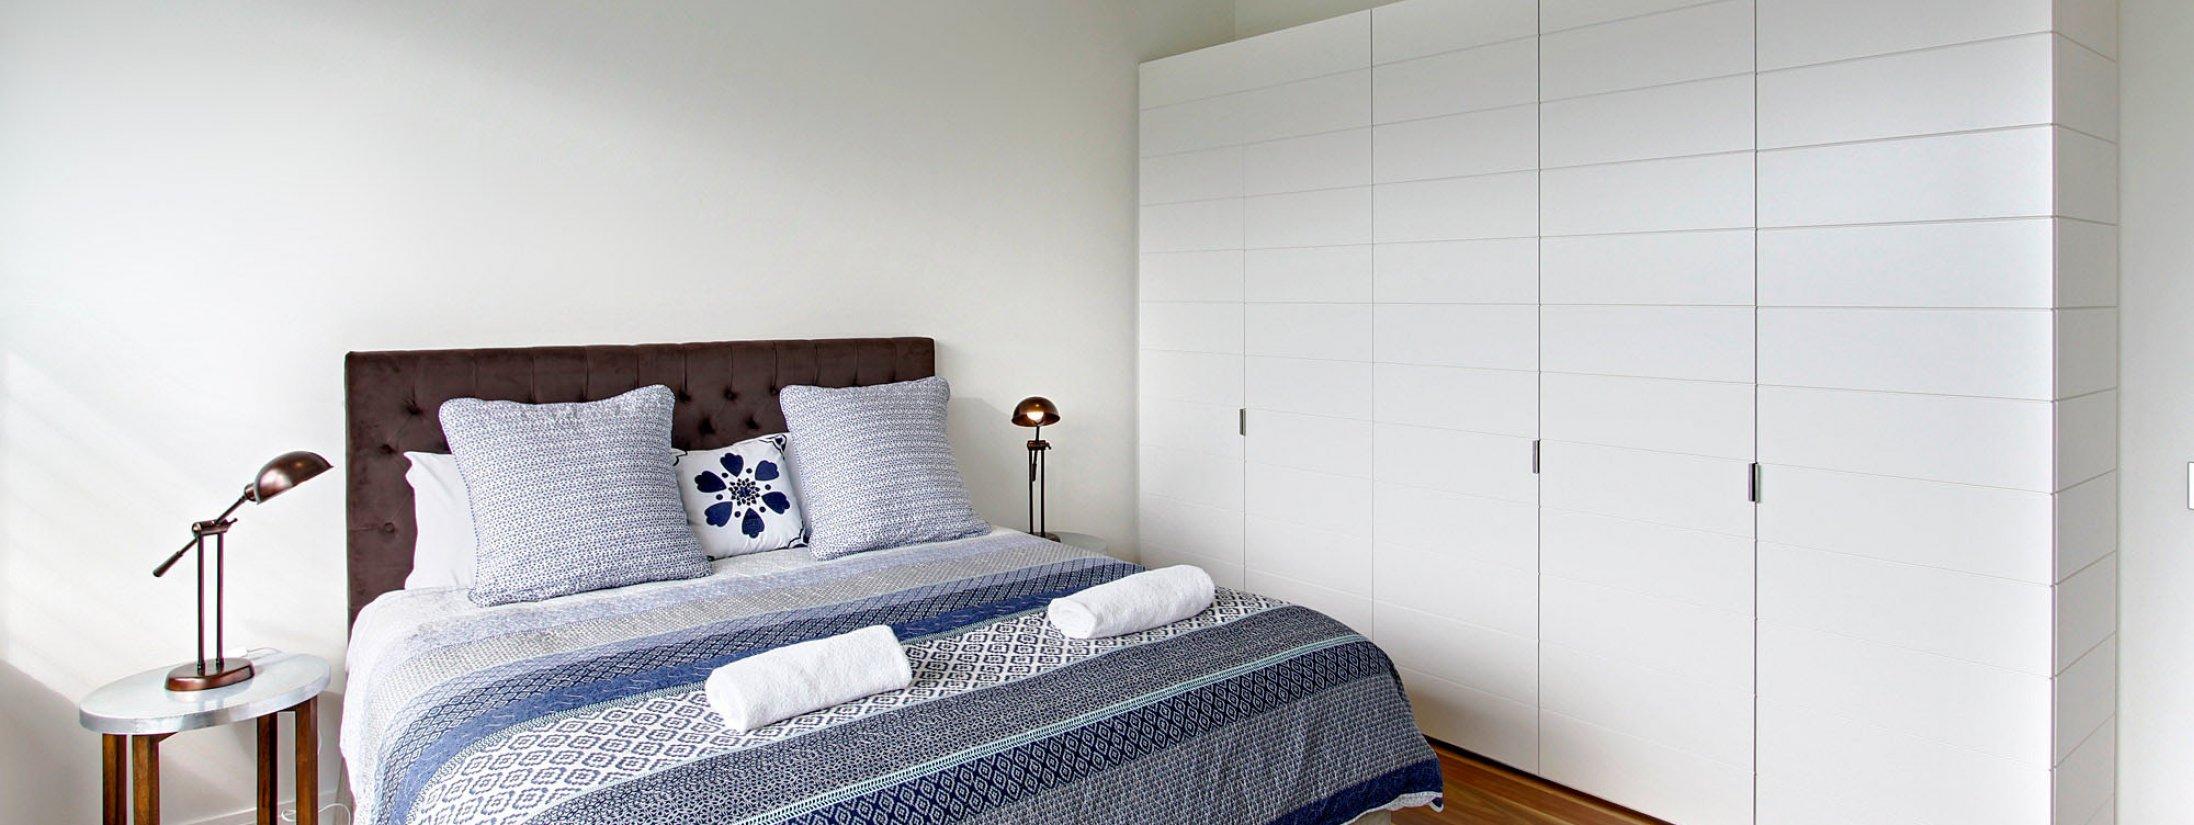 Ocean View at Kiah - Byron Bay - Bedroom 2